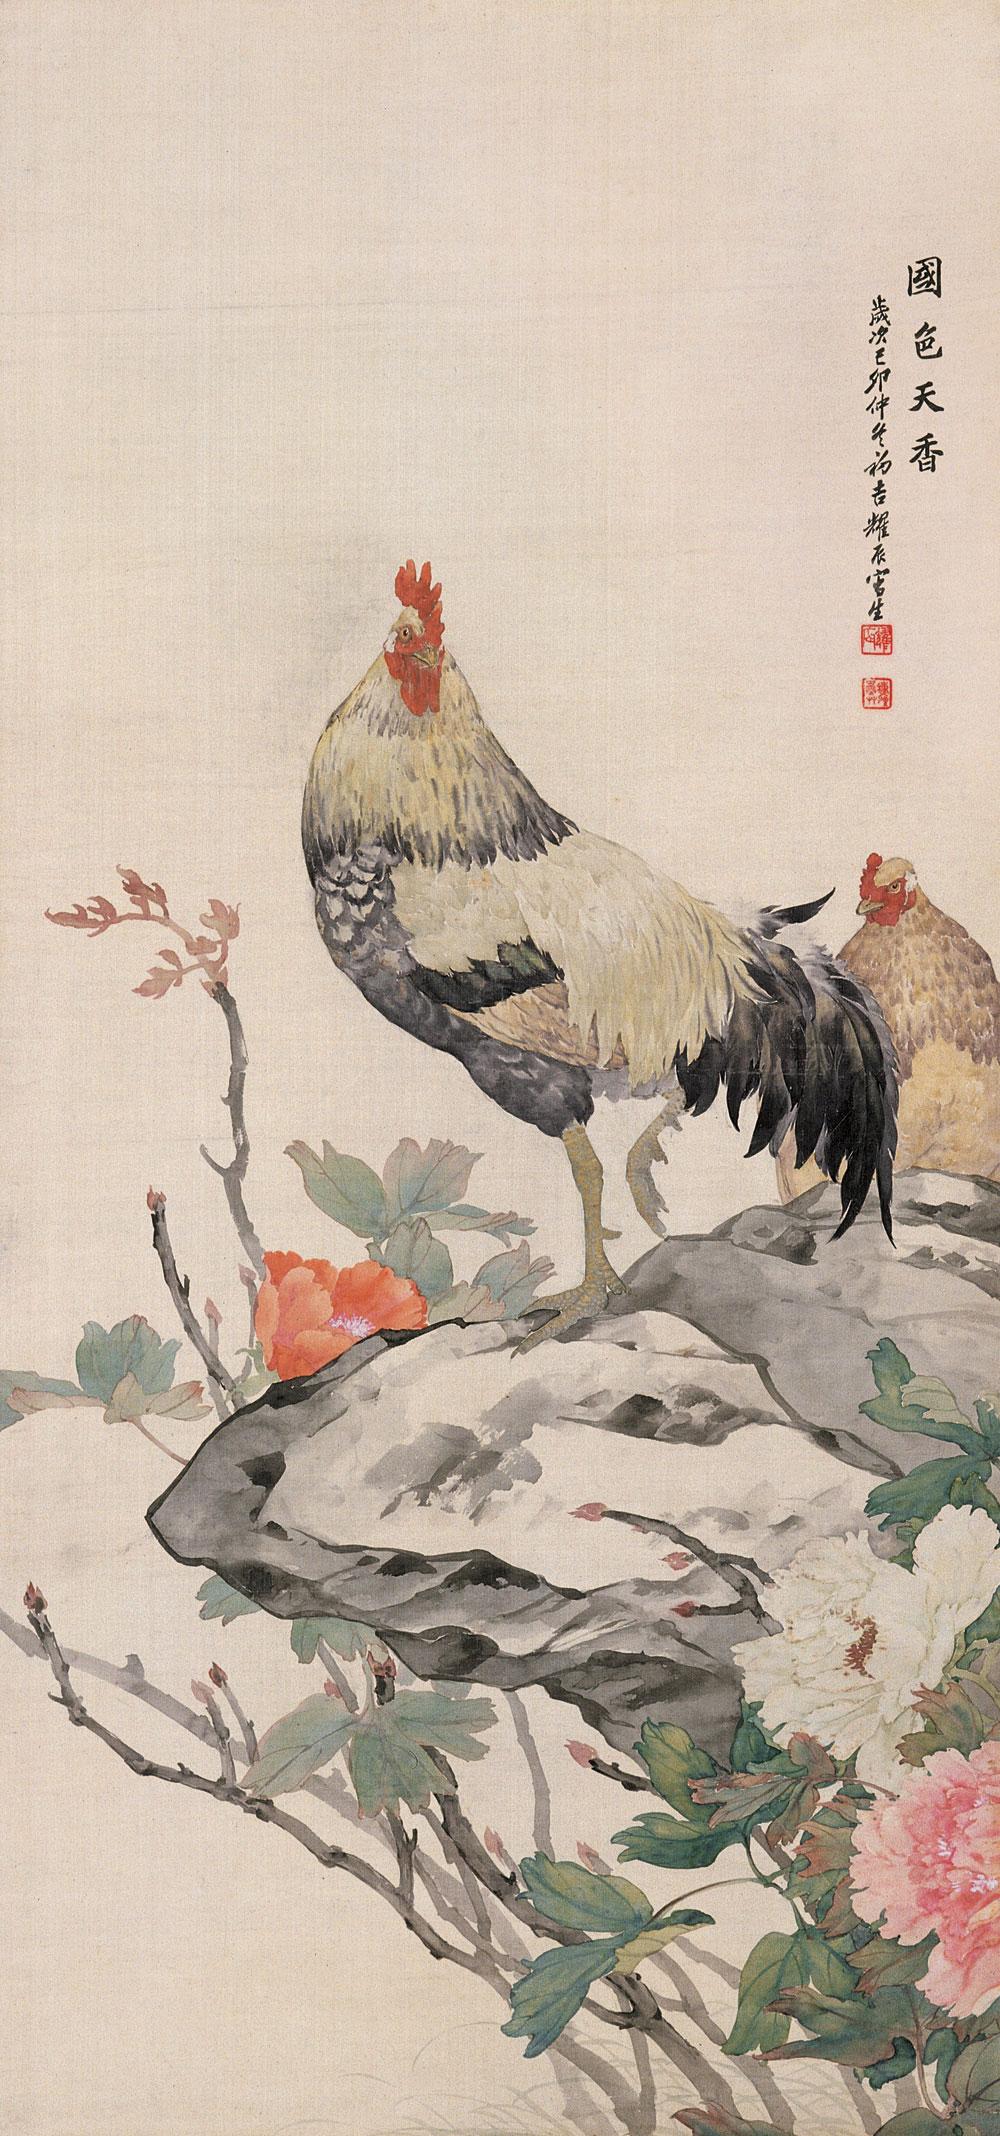 刘奎龄绘画作品